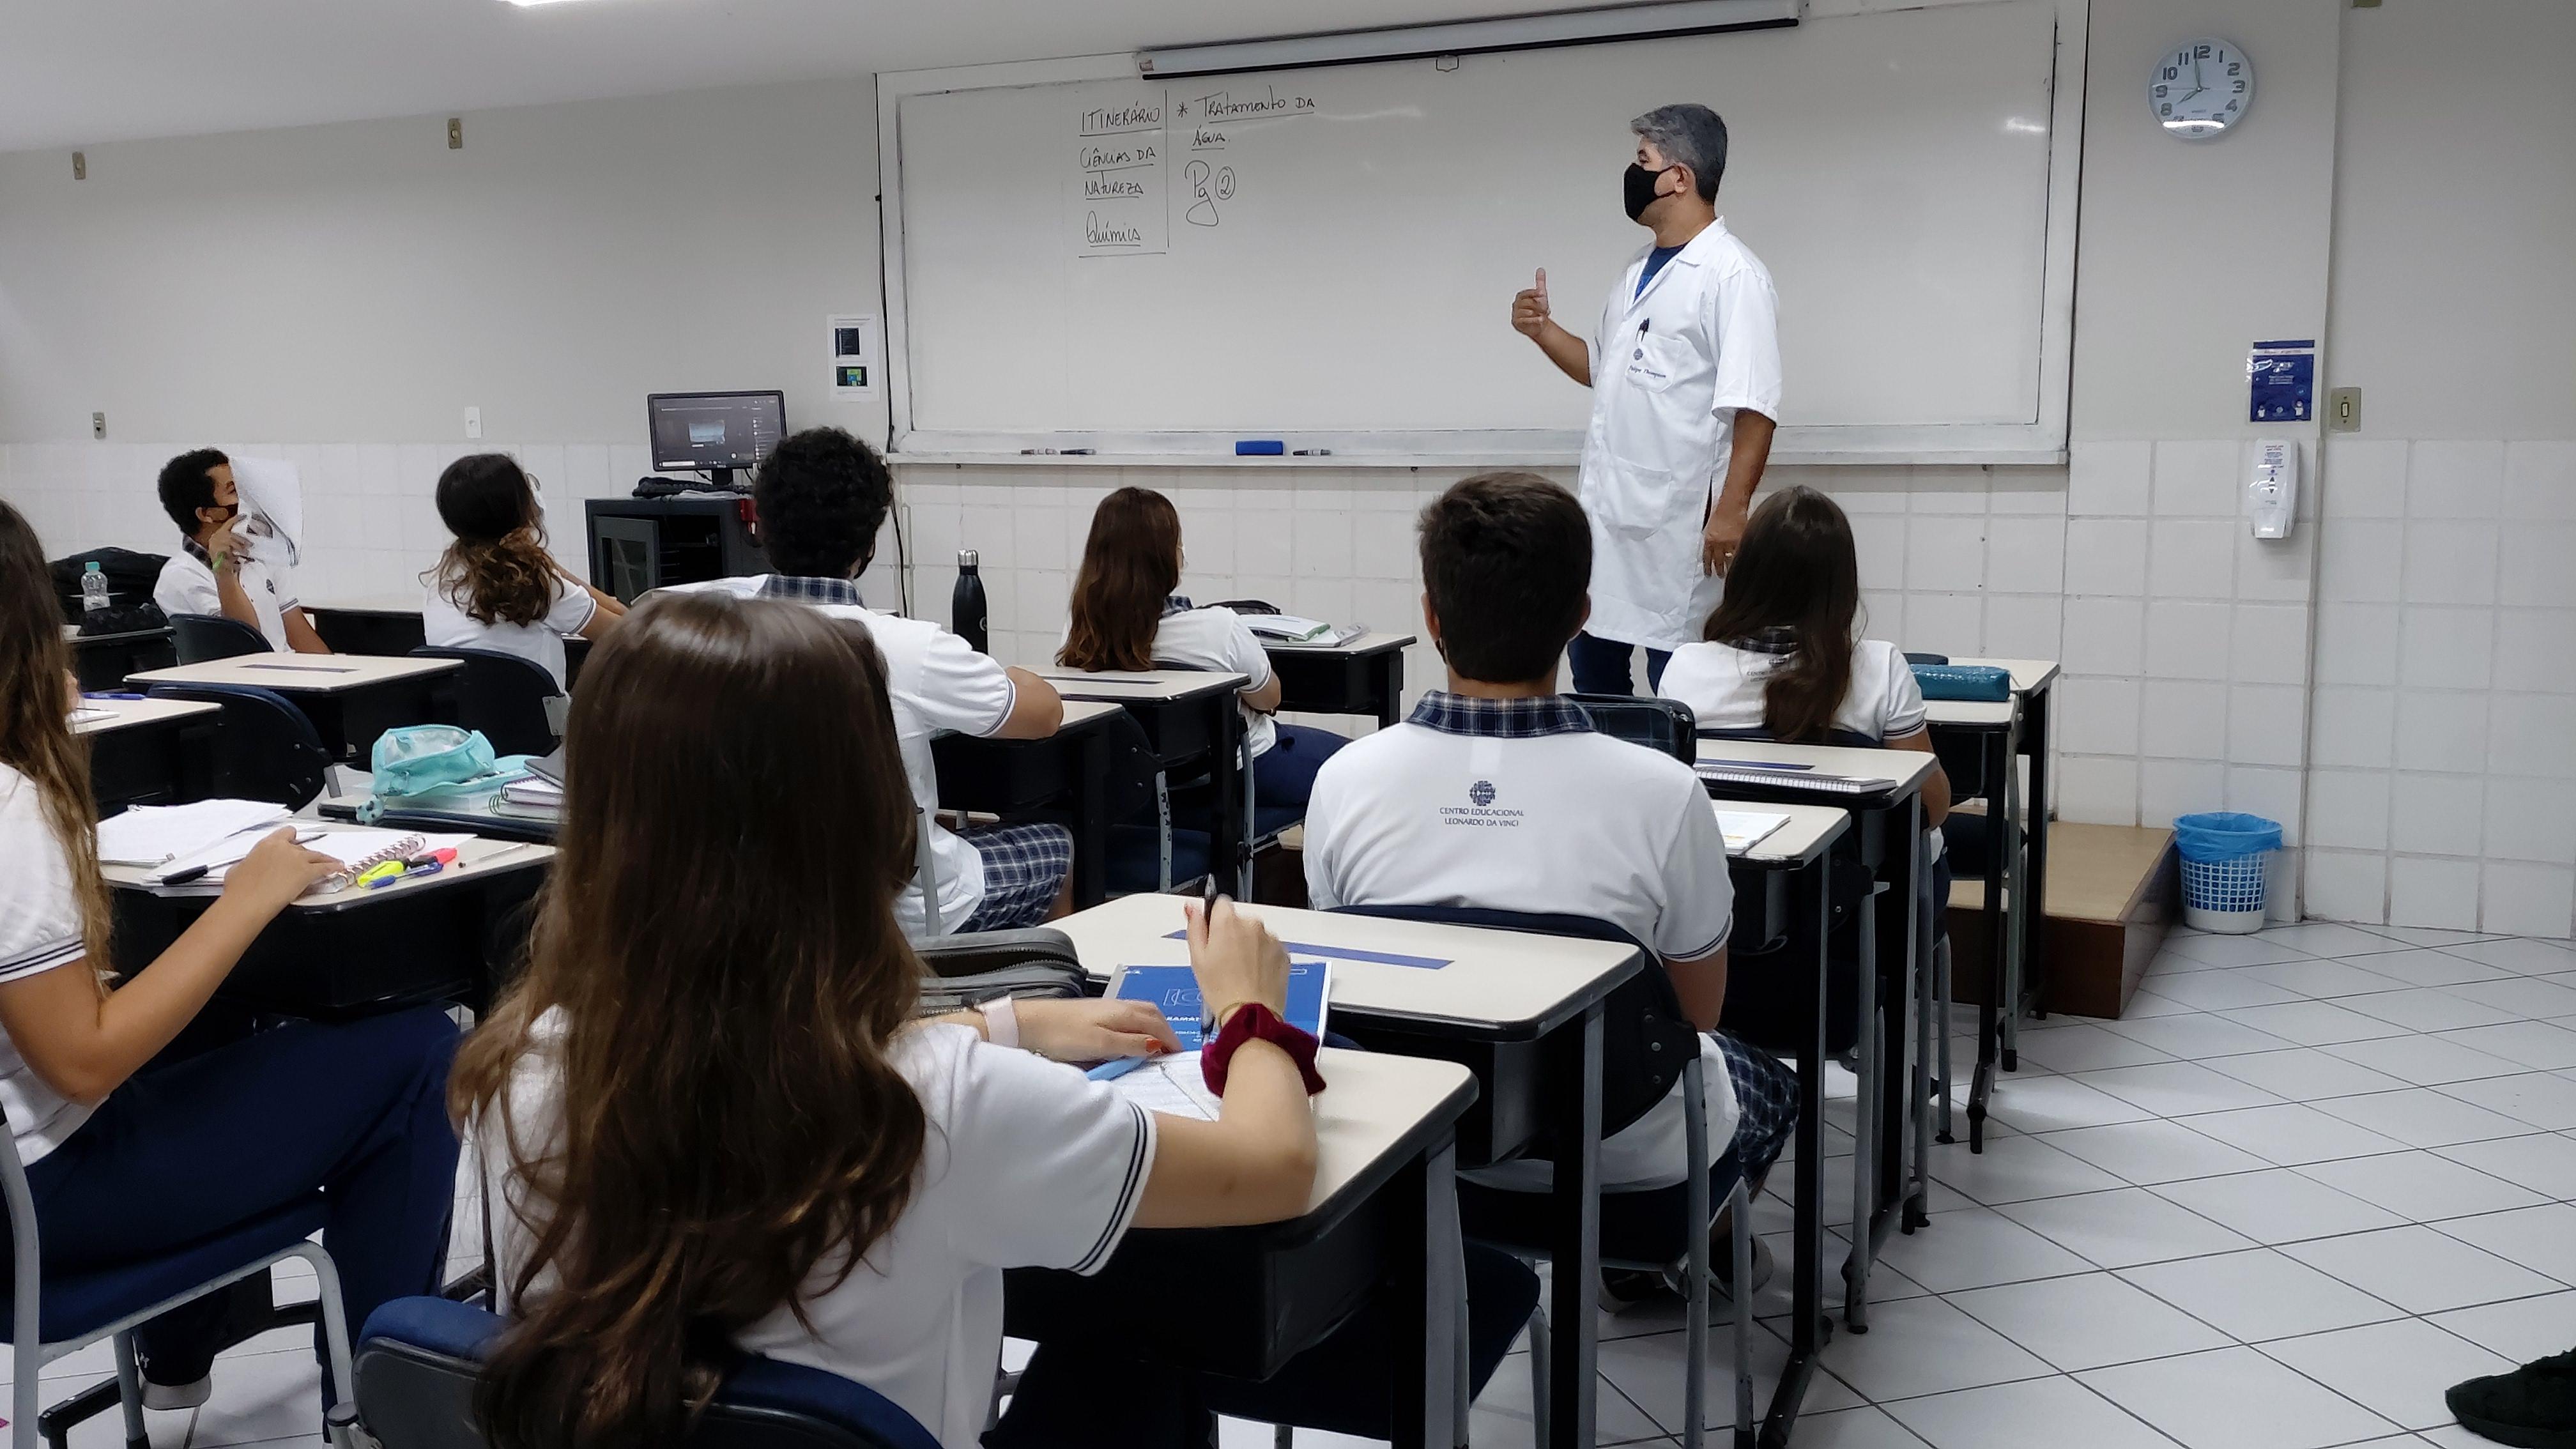 Ensino Médio: como é a aprendizagem das áreas do conhecimento?